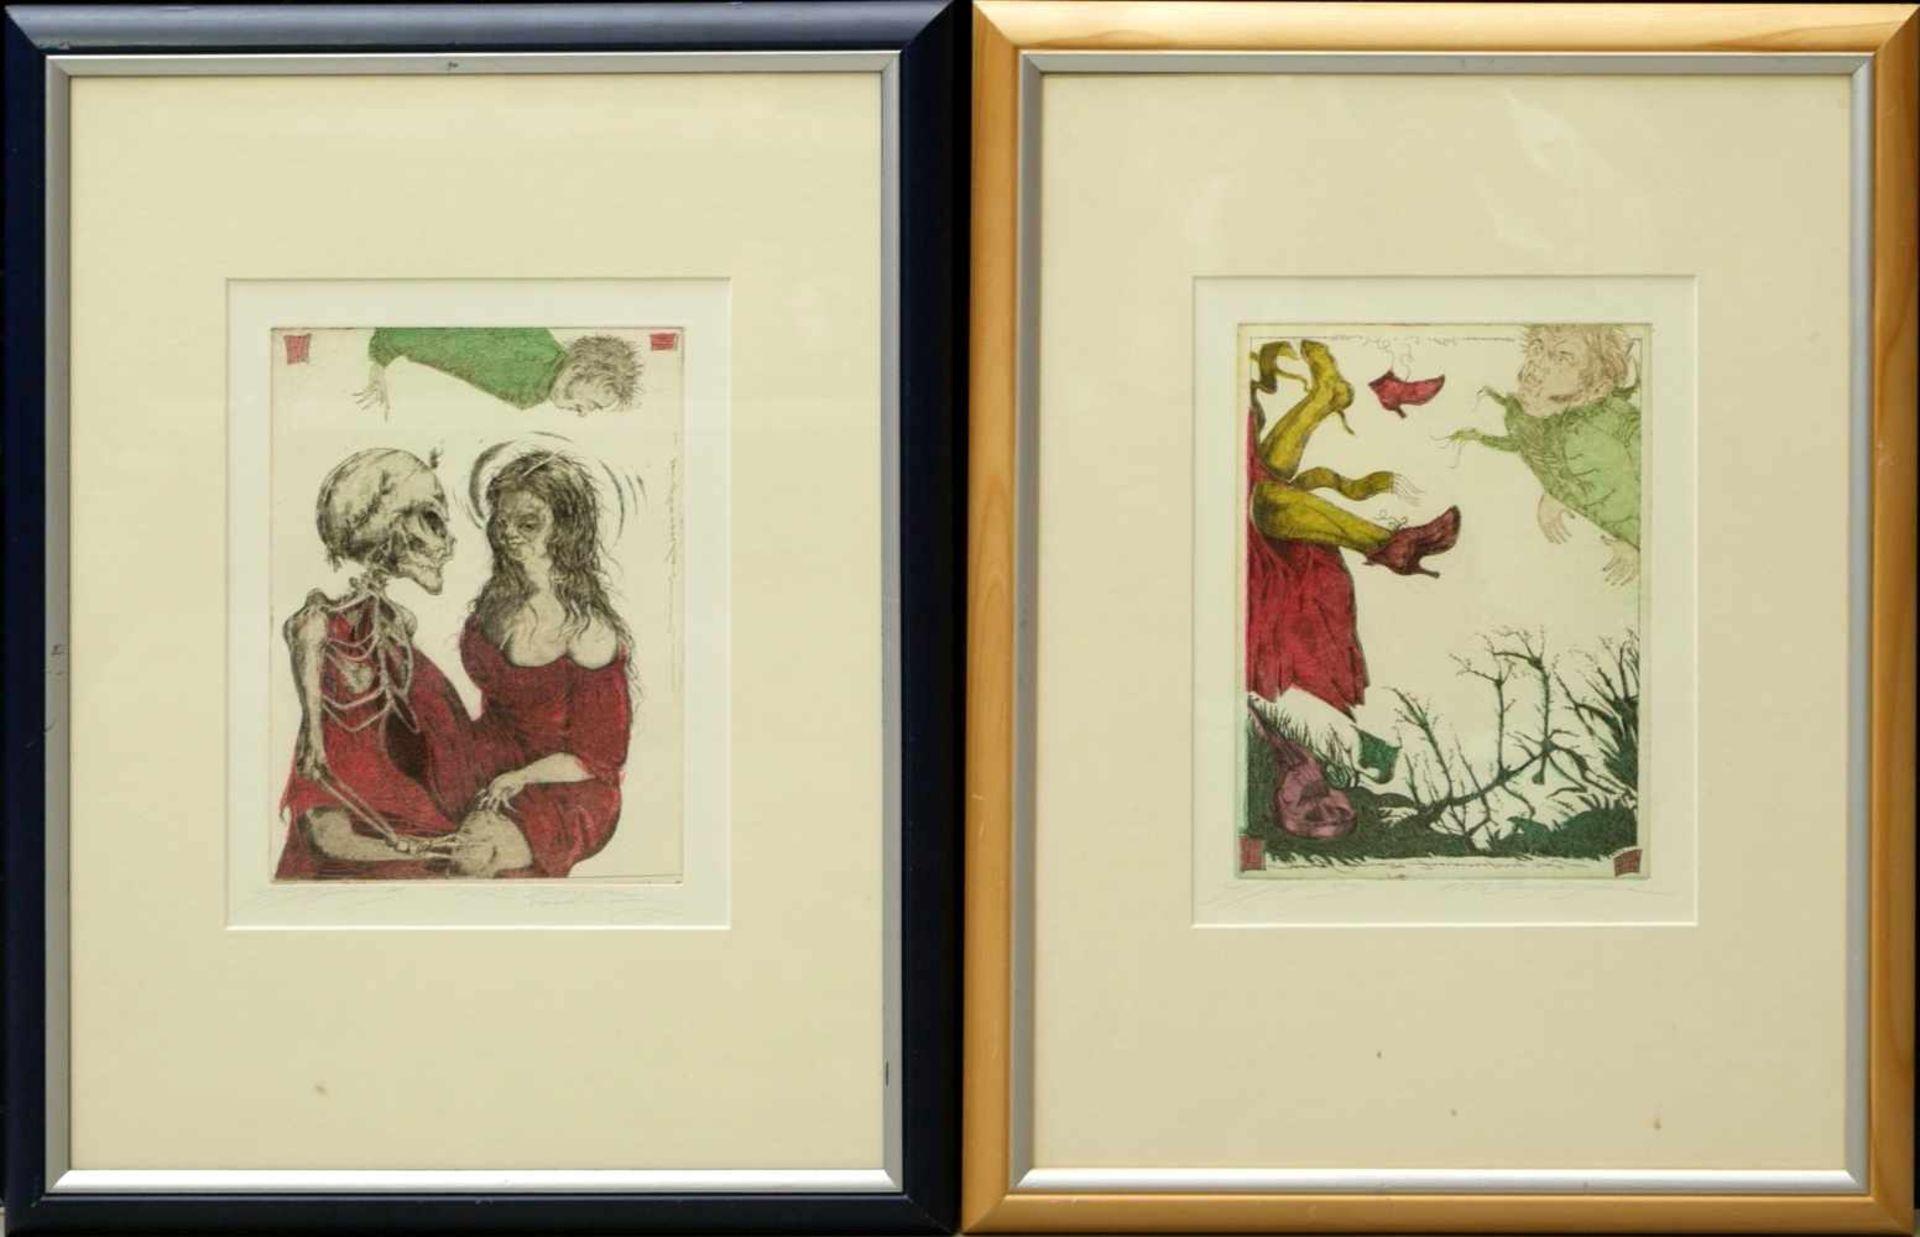 Klenner- Otto, Stephan - Paar Farbradierungen aus E.T.A. Hoffmann Rath Krespel 2004Teil der